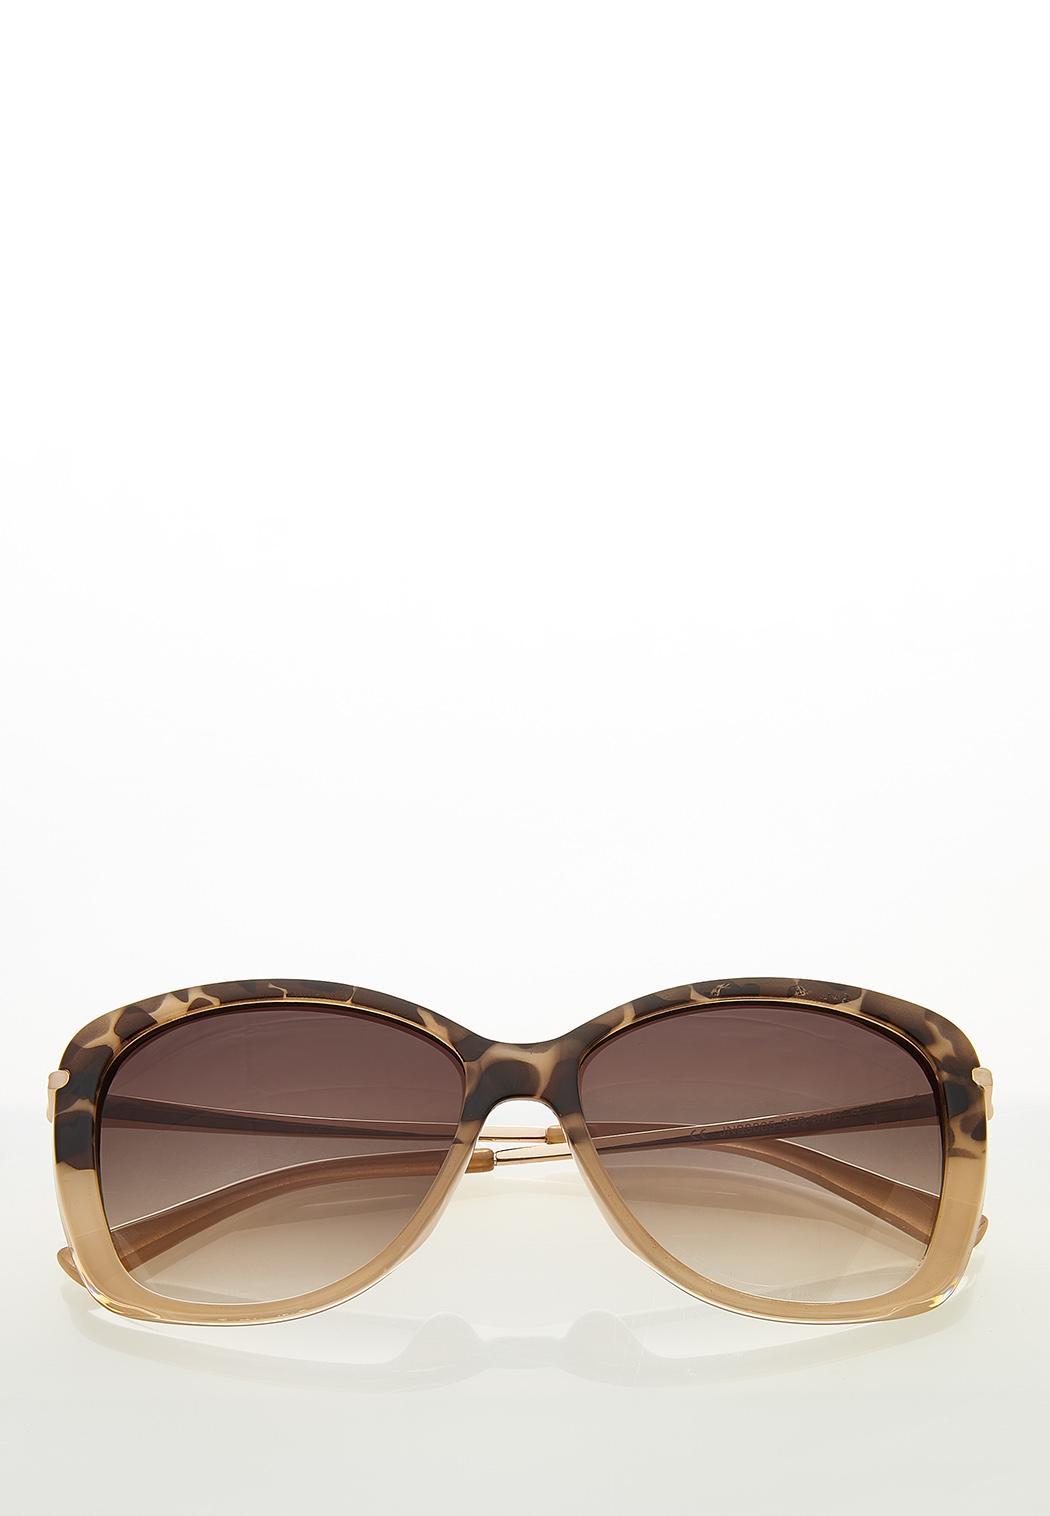 Blush Leopard Tortoise Sunglasses